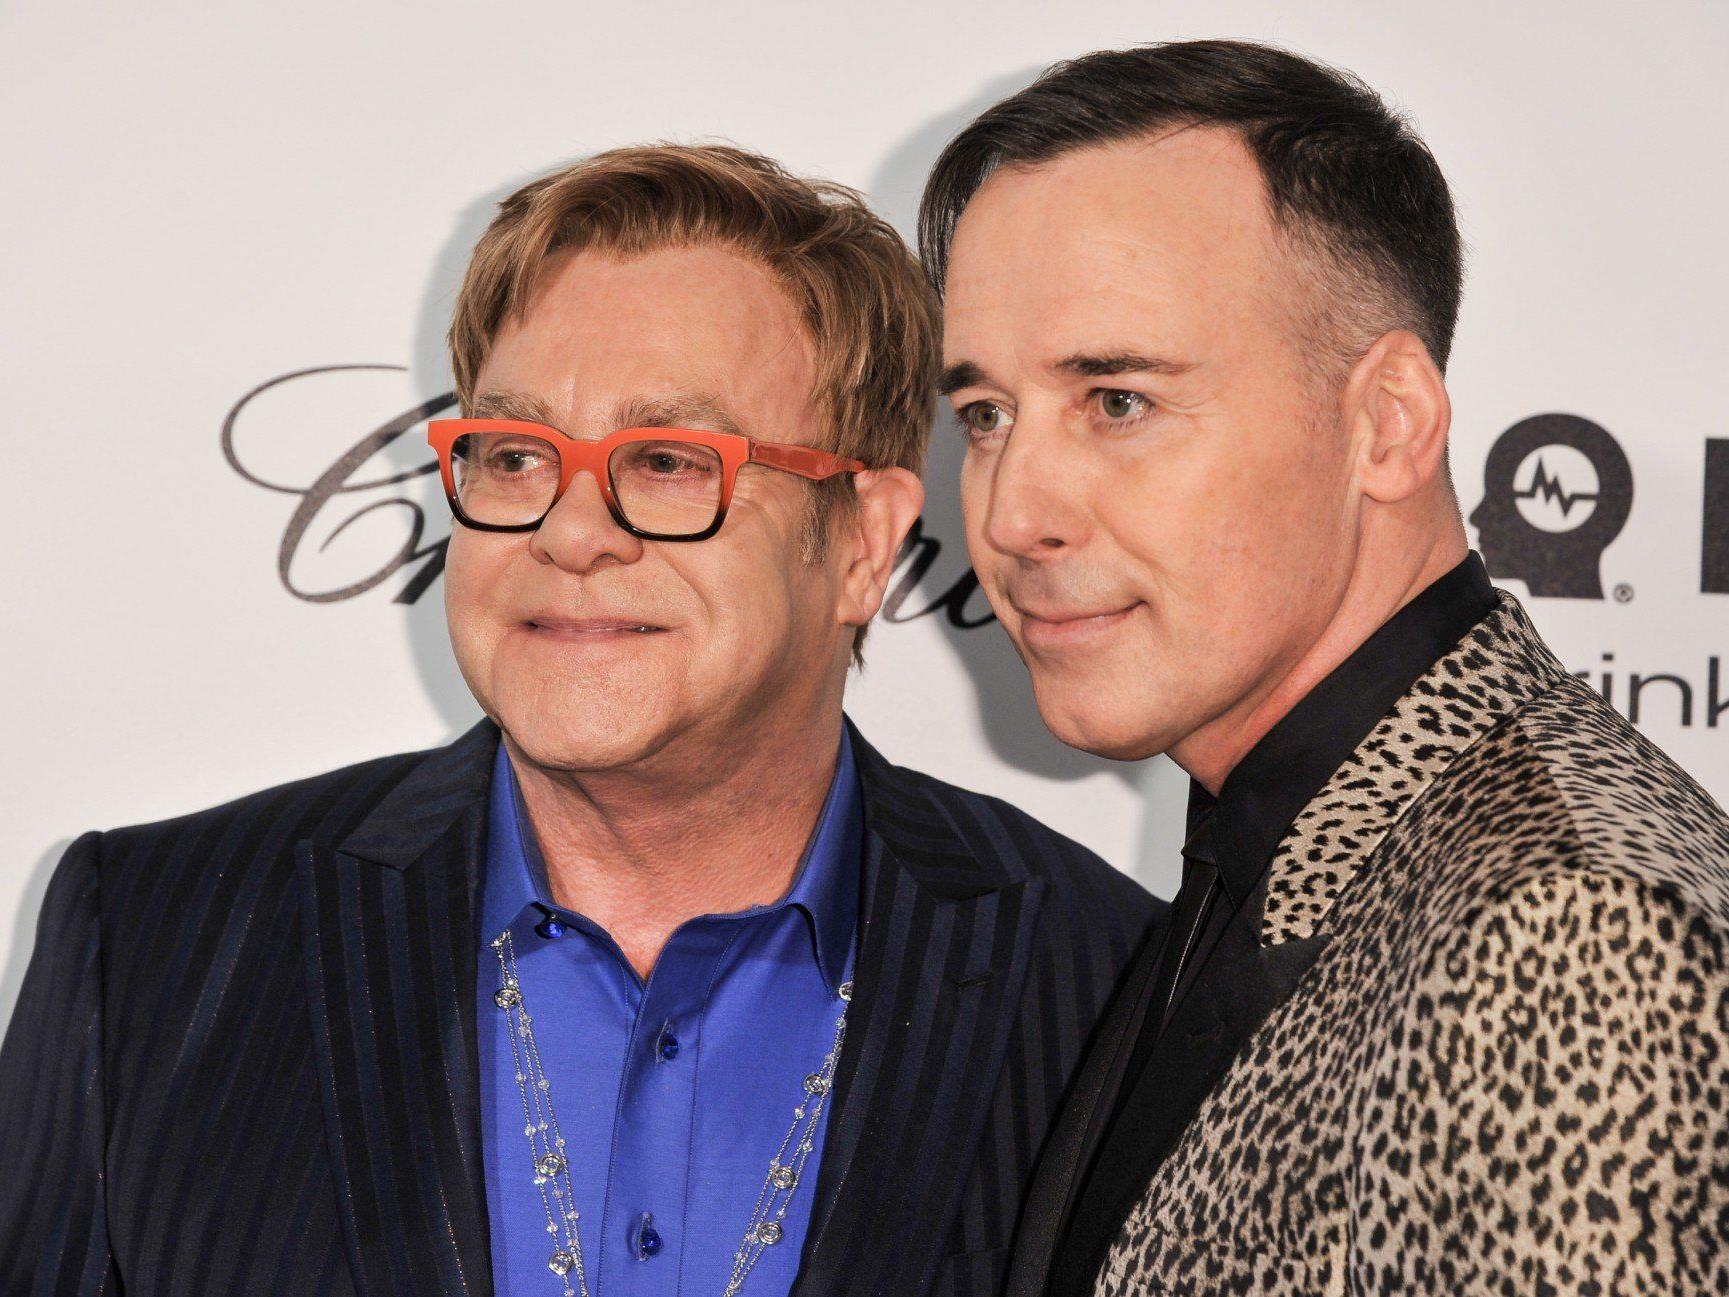 Nach Einführung der Homo-Ehe in England: Elton John und David Furnish heiraten.